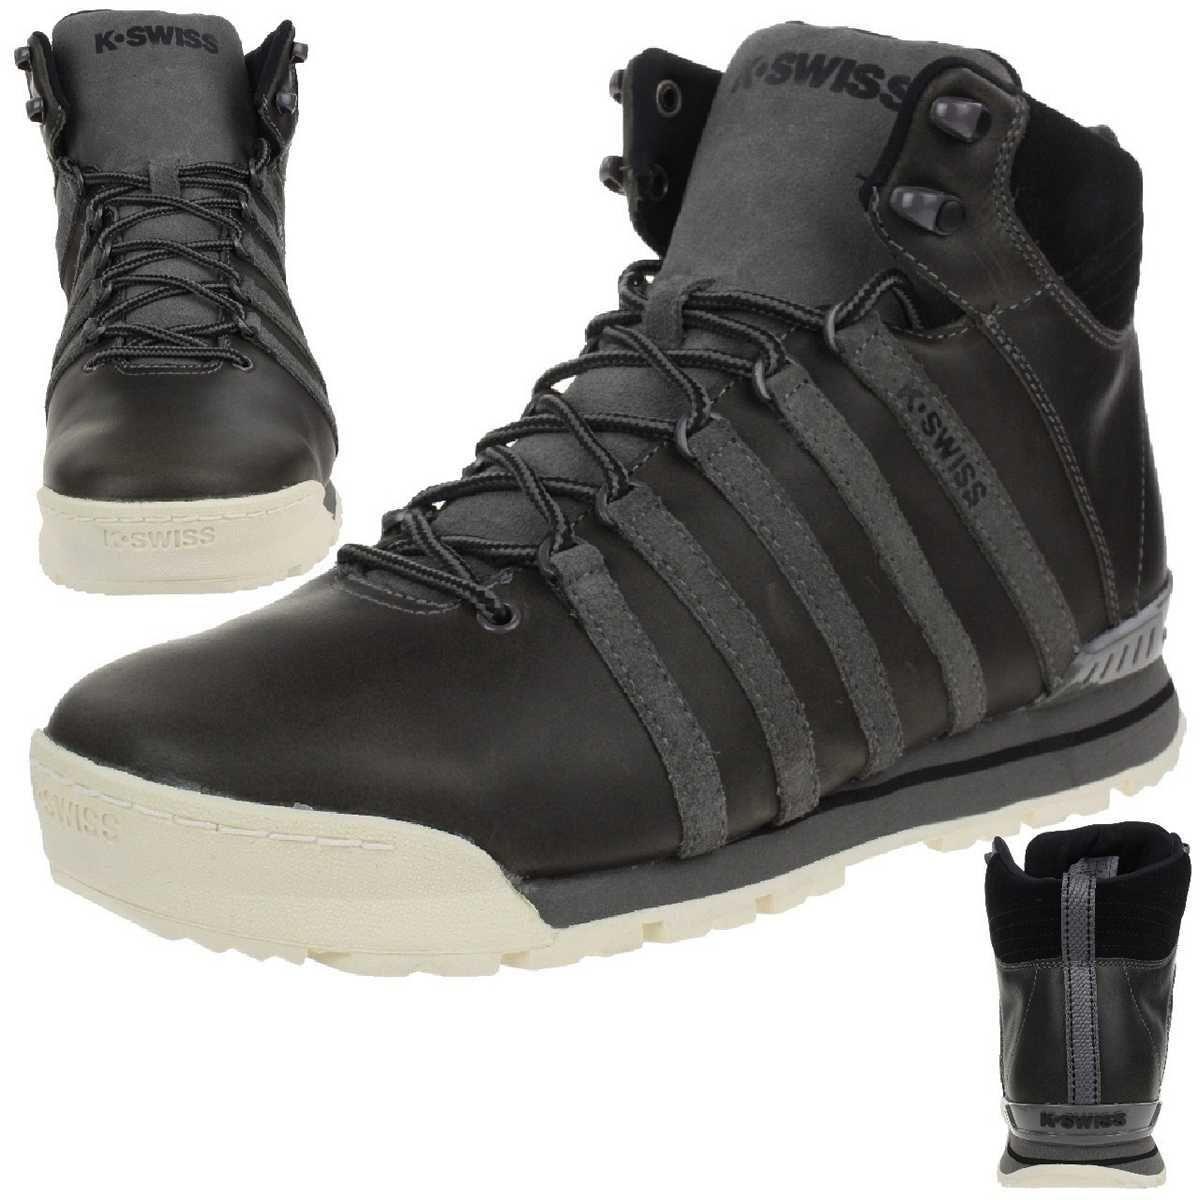 Grandes descuentos nuevos zapatos CONVERSE STAR PLAYER OX AZUL MARINO/BLANCO